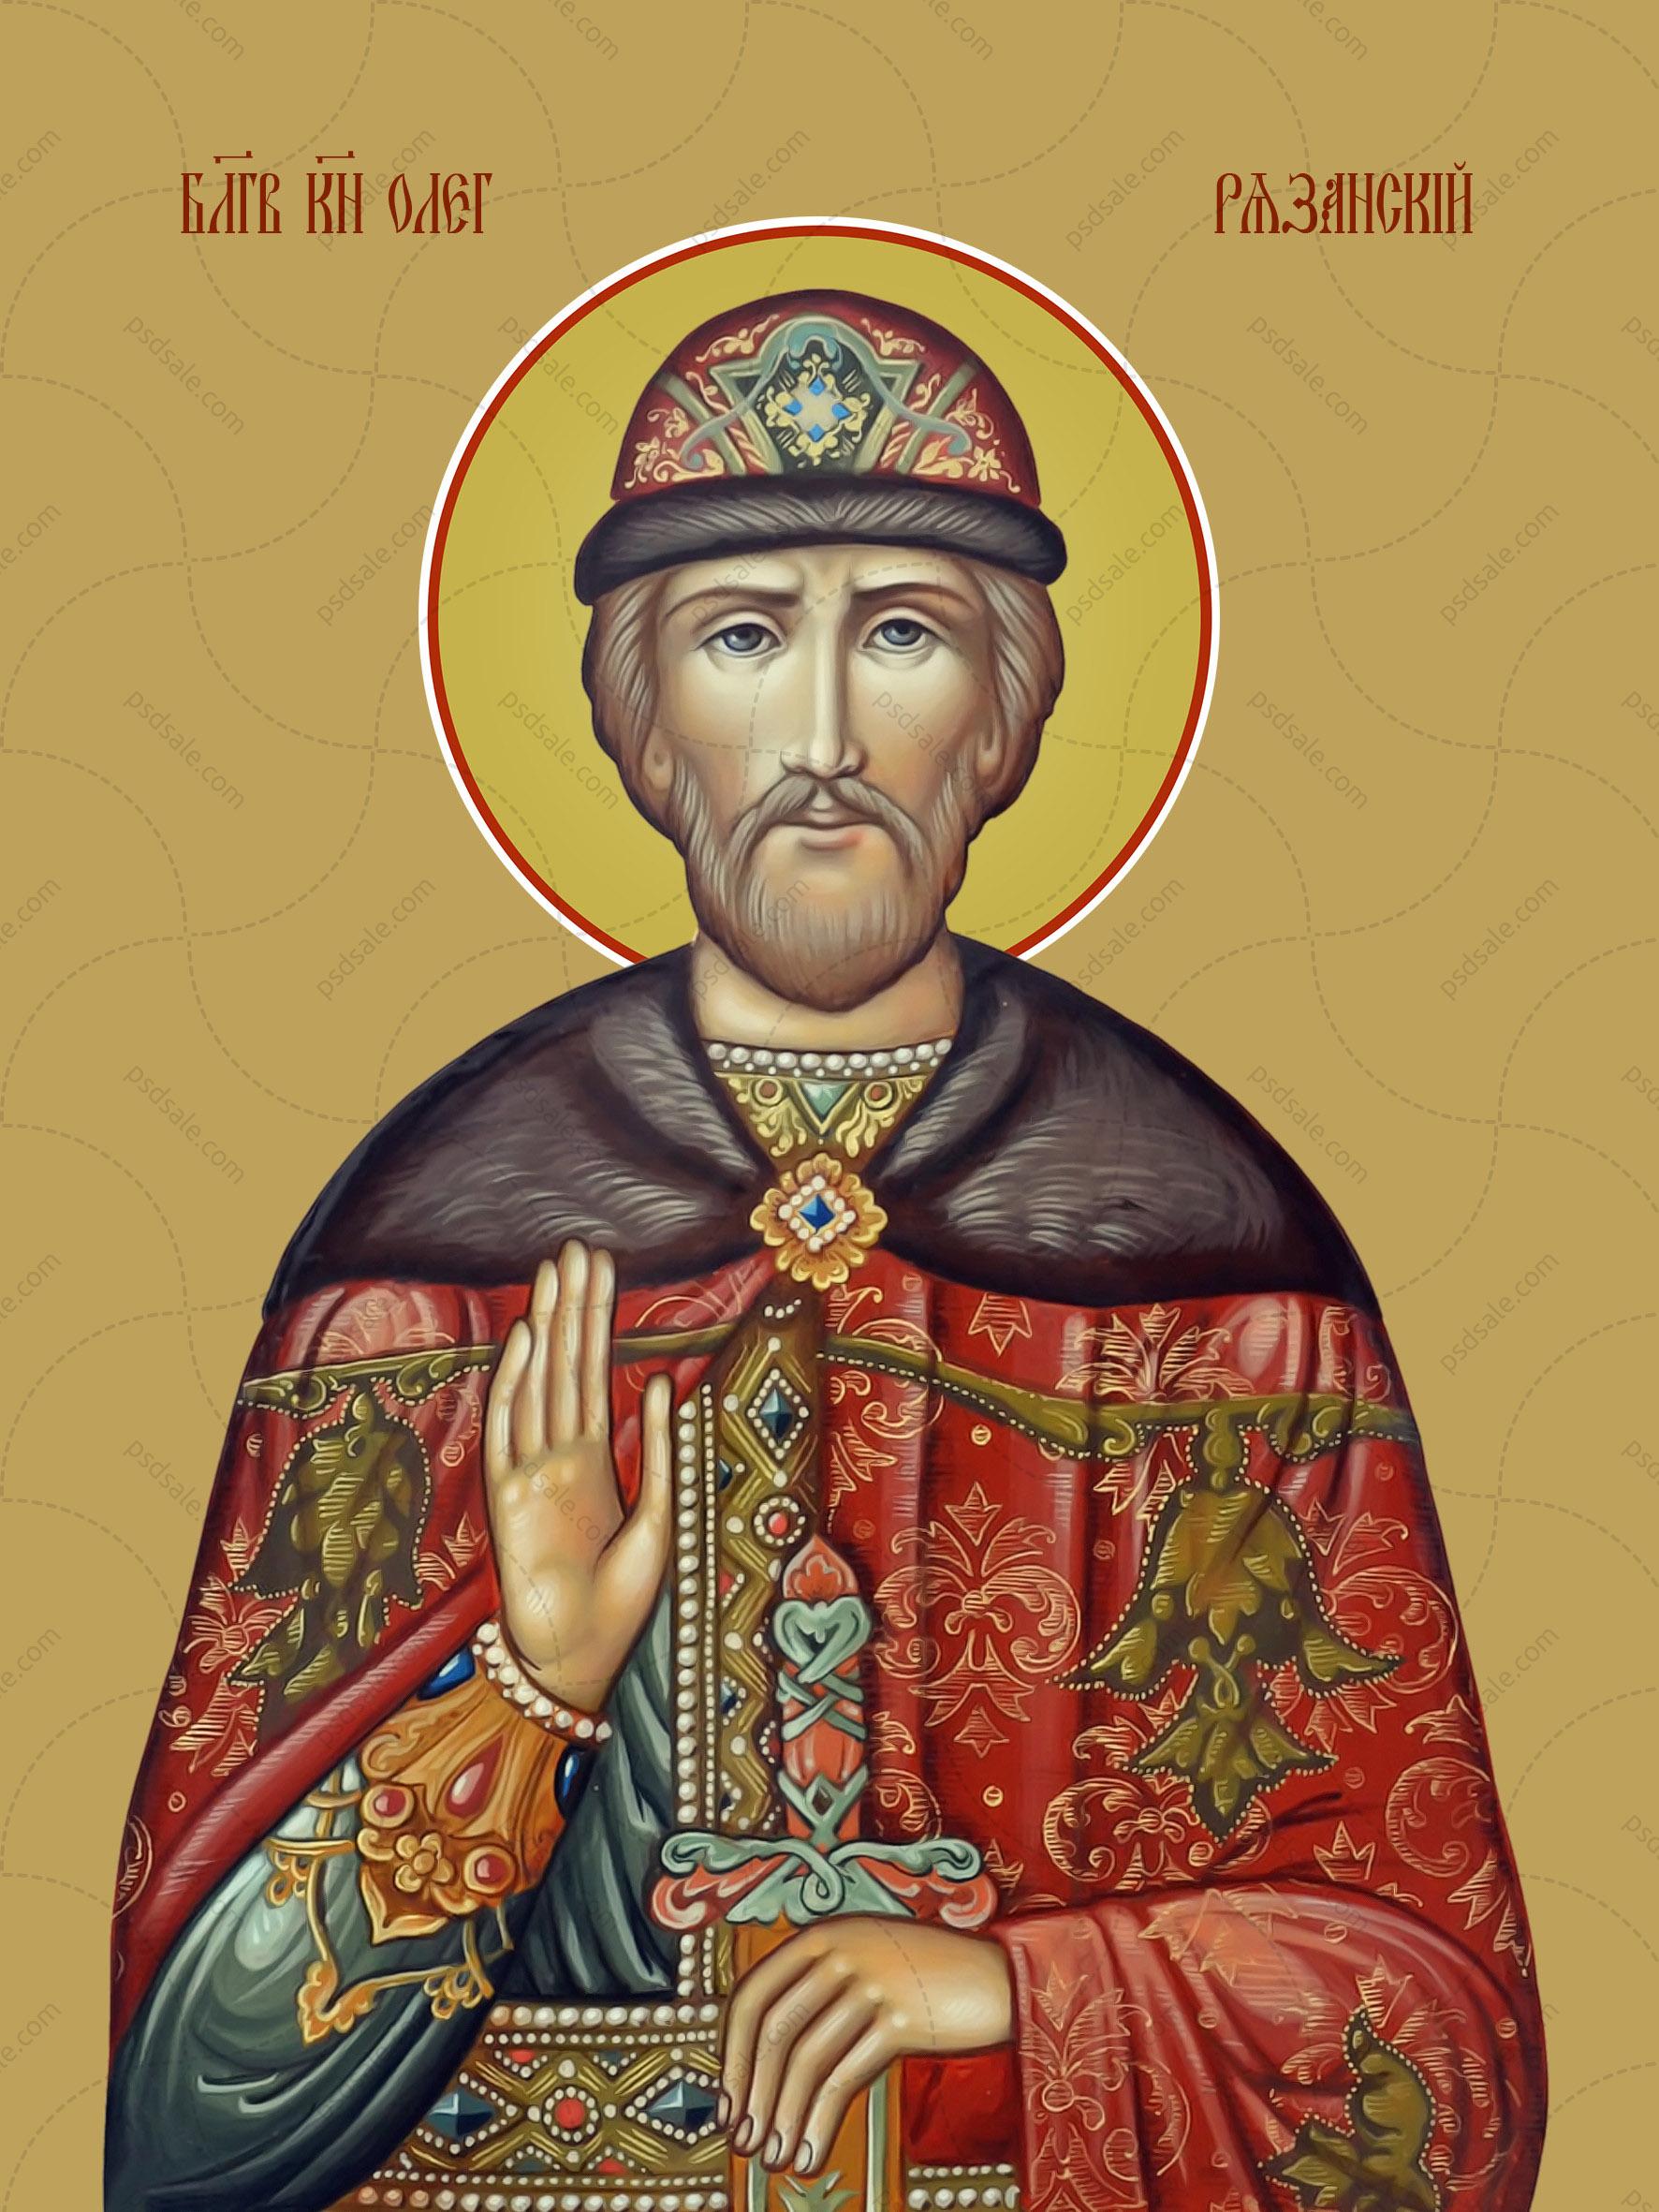 Олег Рязанский, святой князь